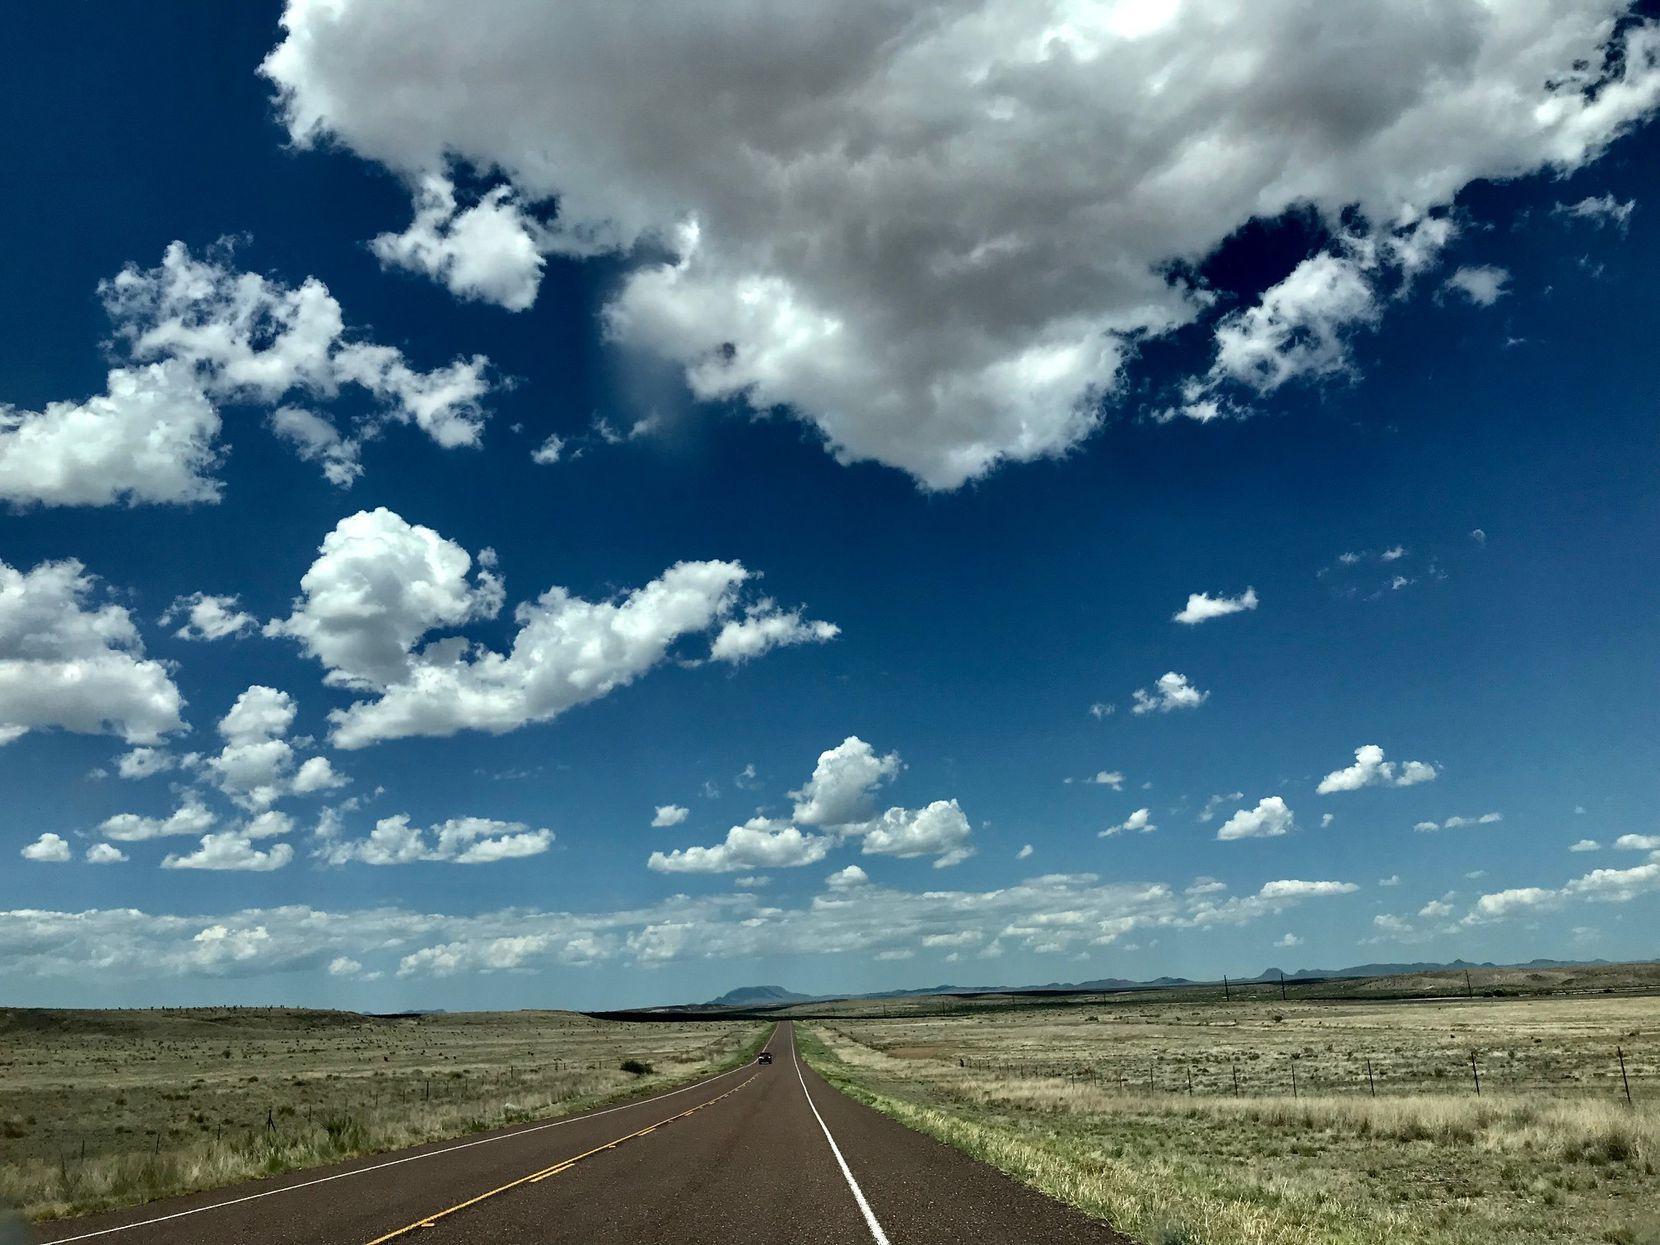 La región del Oeste de Texas, frontera entrre Estados Unidos y México.DMN